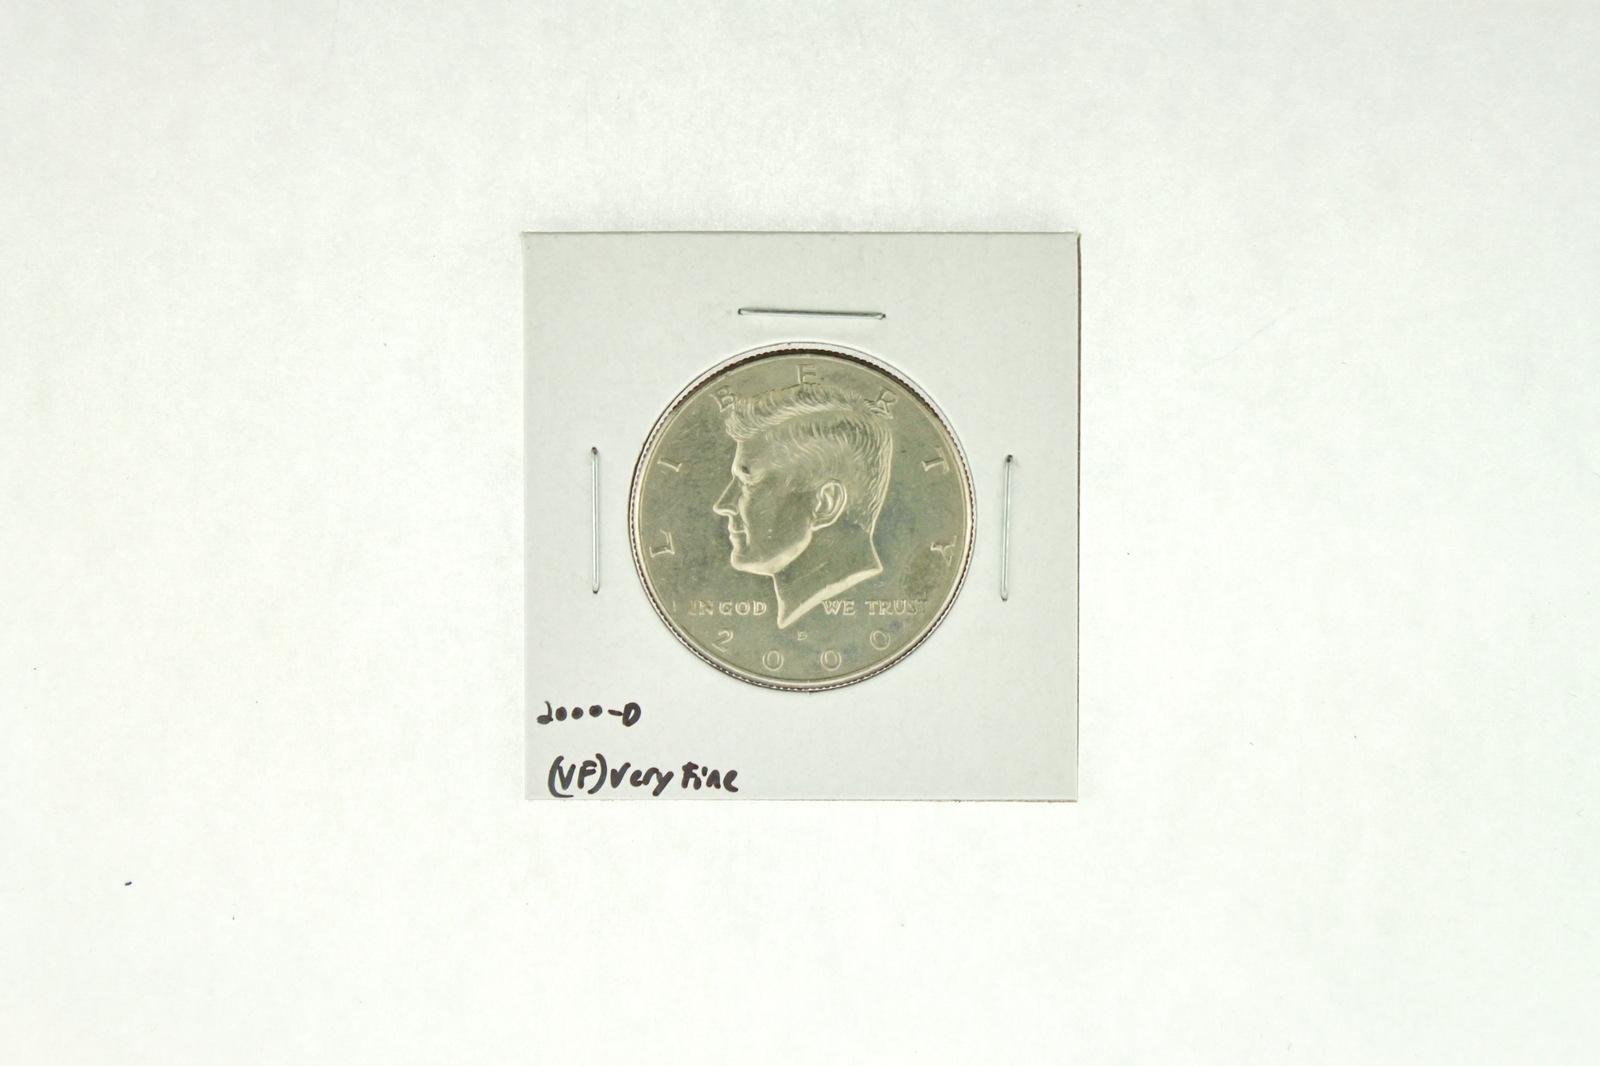 2000-D Kennedy Half Dollar (VF) Very Fine N2-4001-7